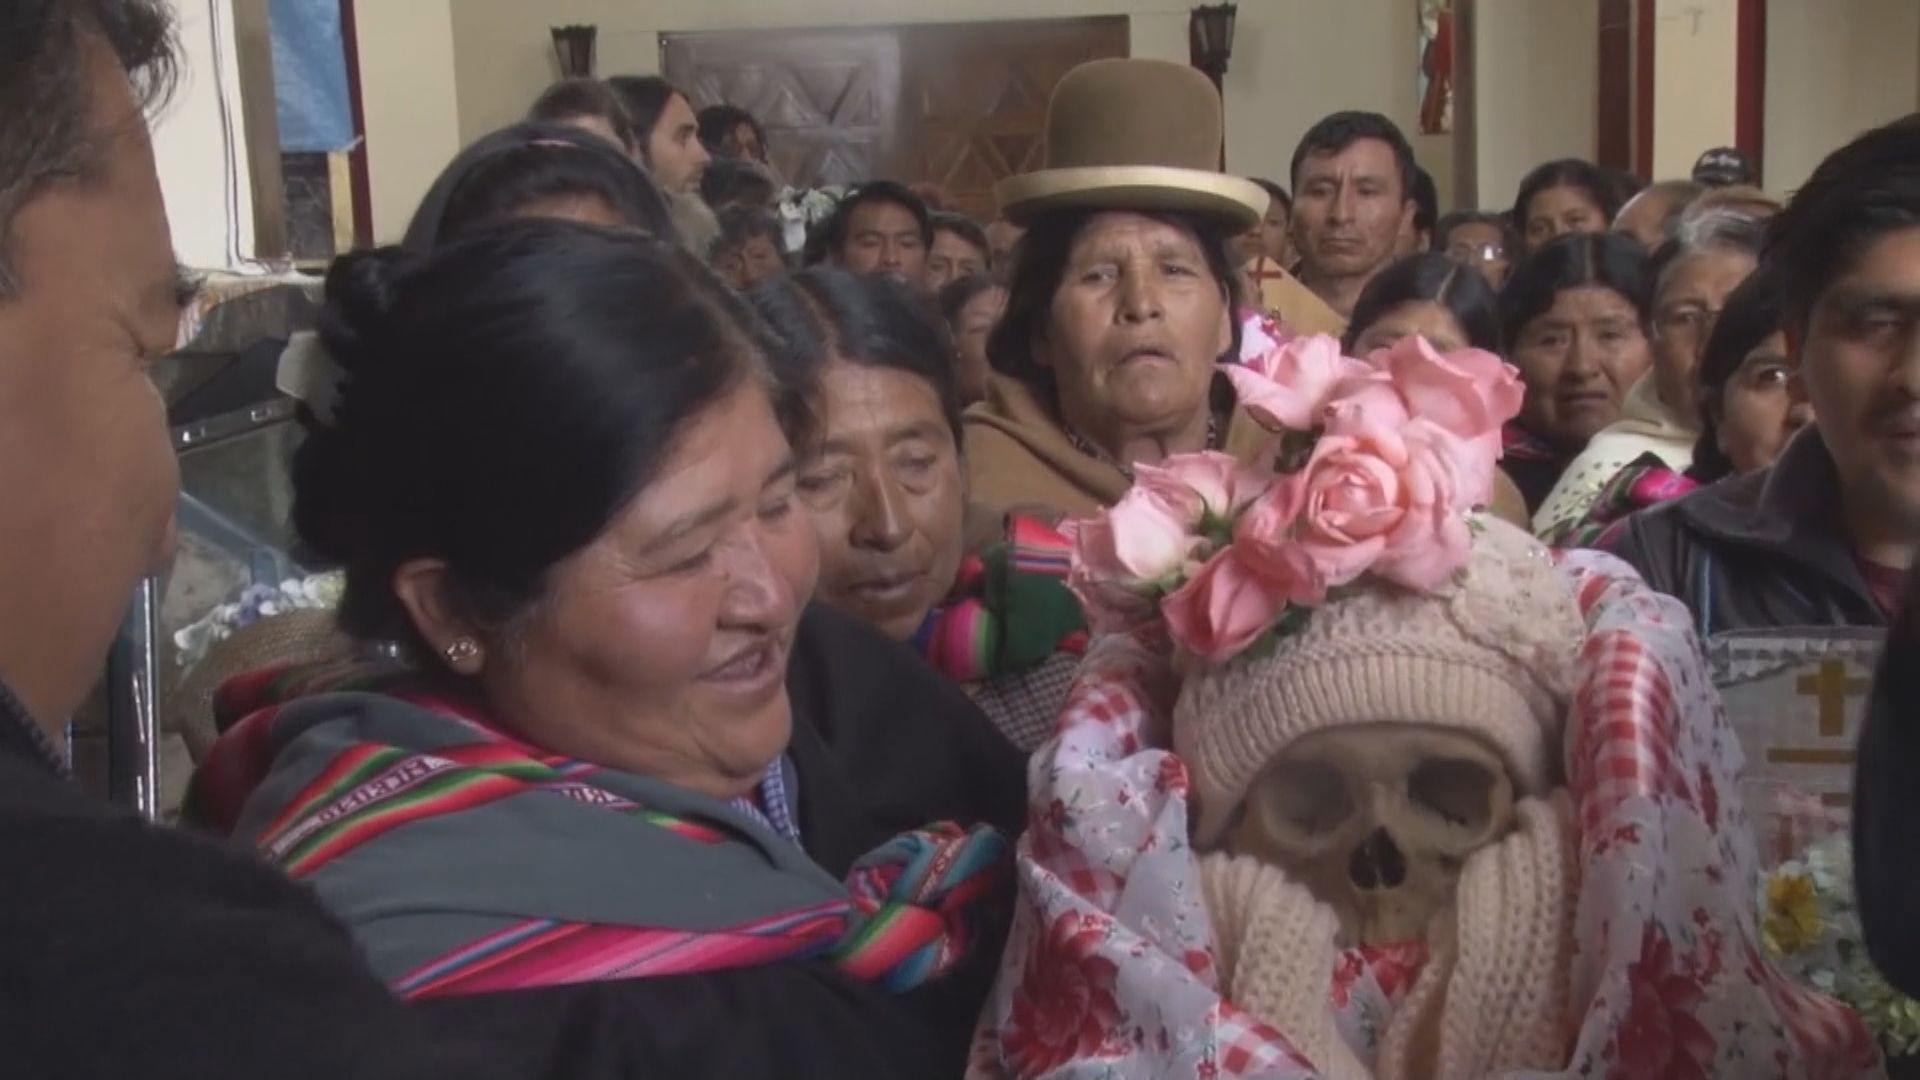 【環球薈報】玻利維亞舉行傳統頭骨慶典